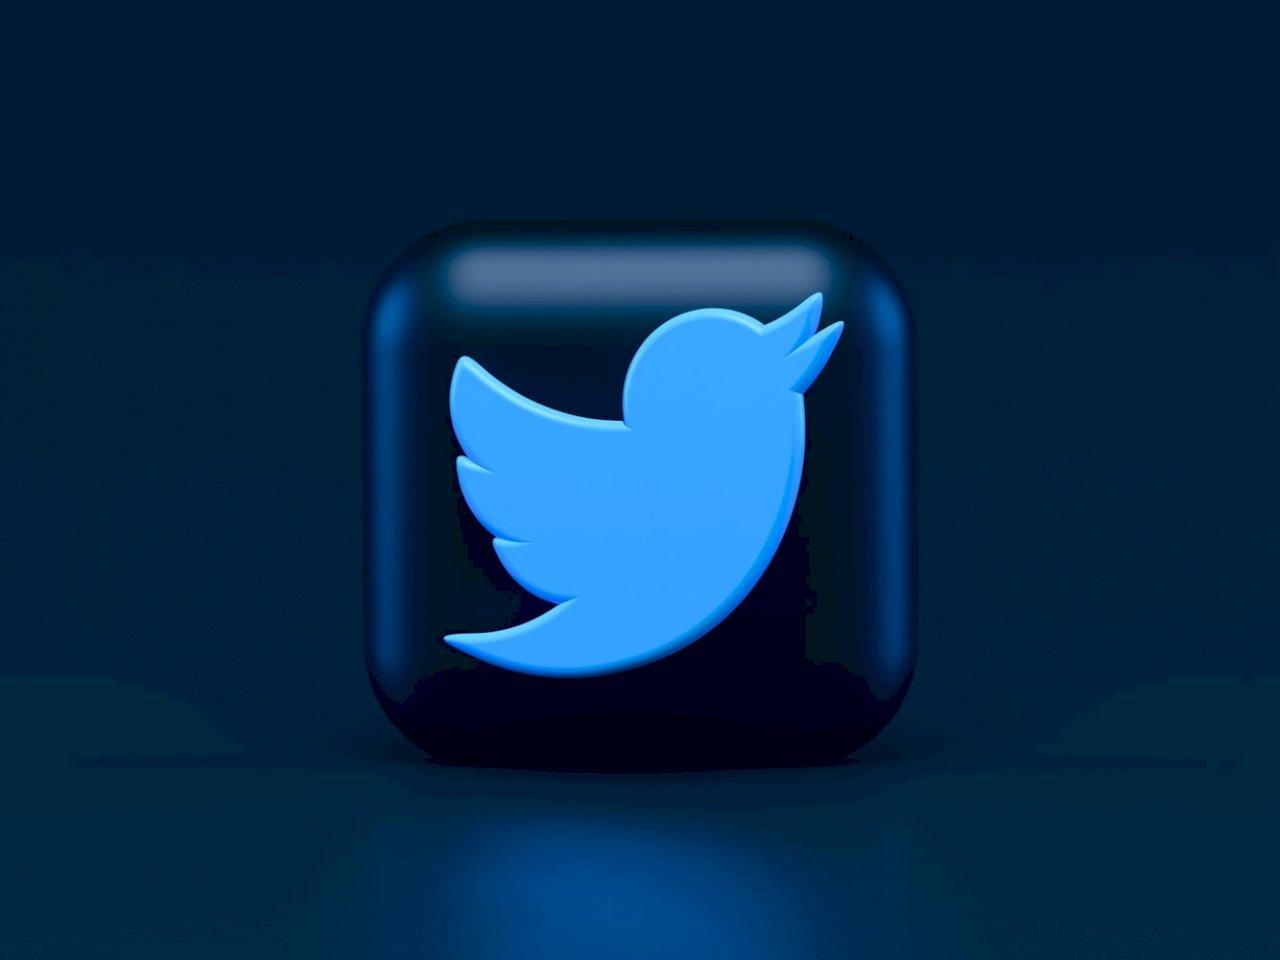 奈及利亞無限期封鎖推特 美歐人權團體同聲譴責